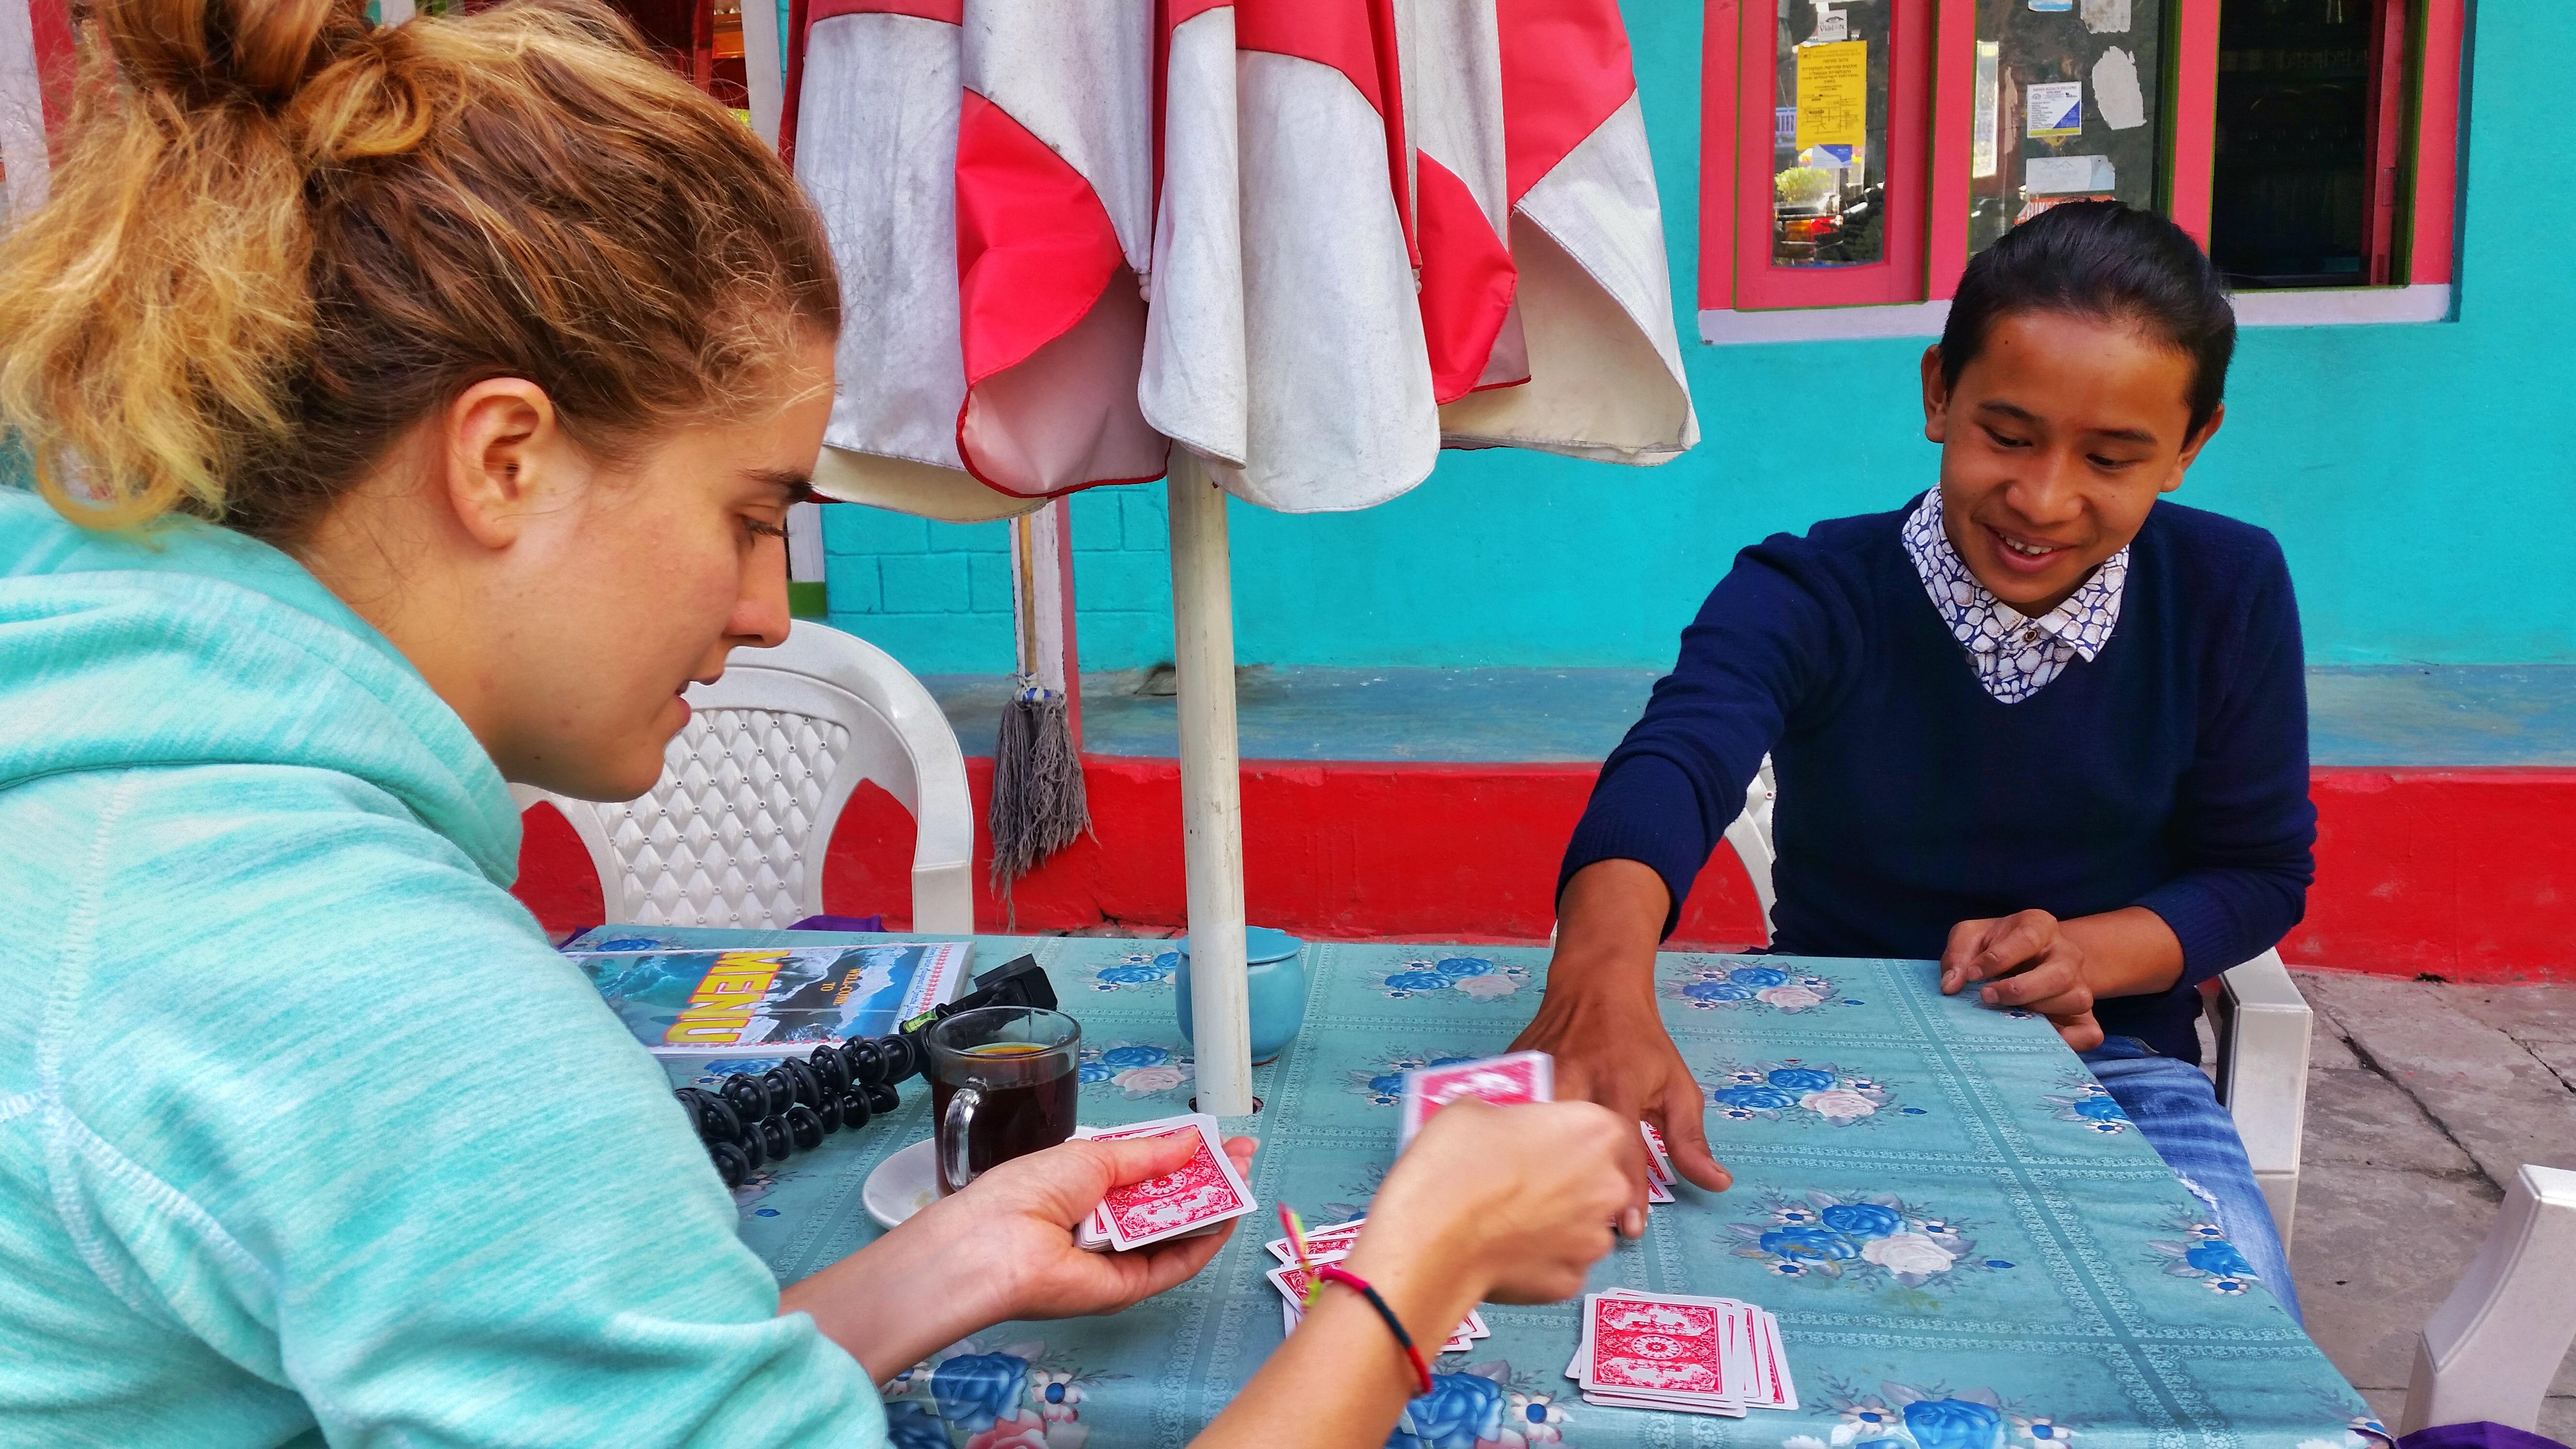 Nauka nepalskiego tasowania kart